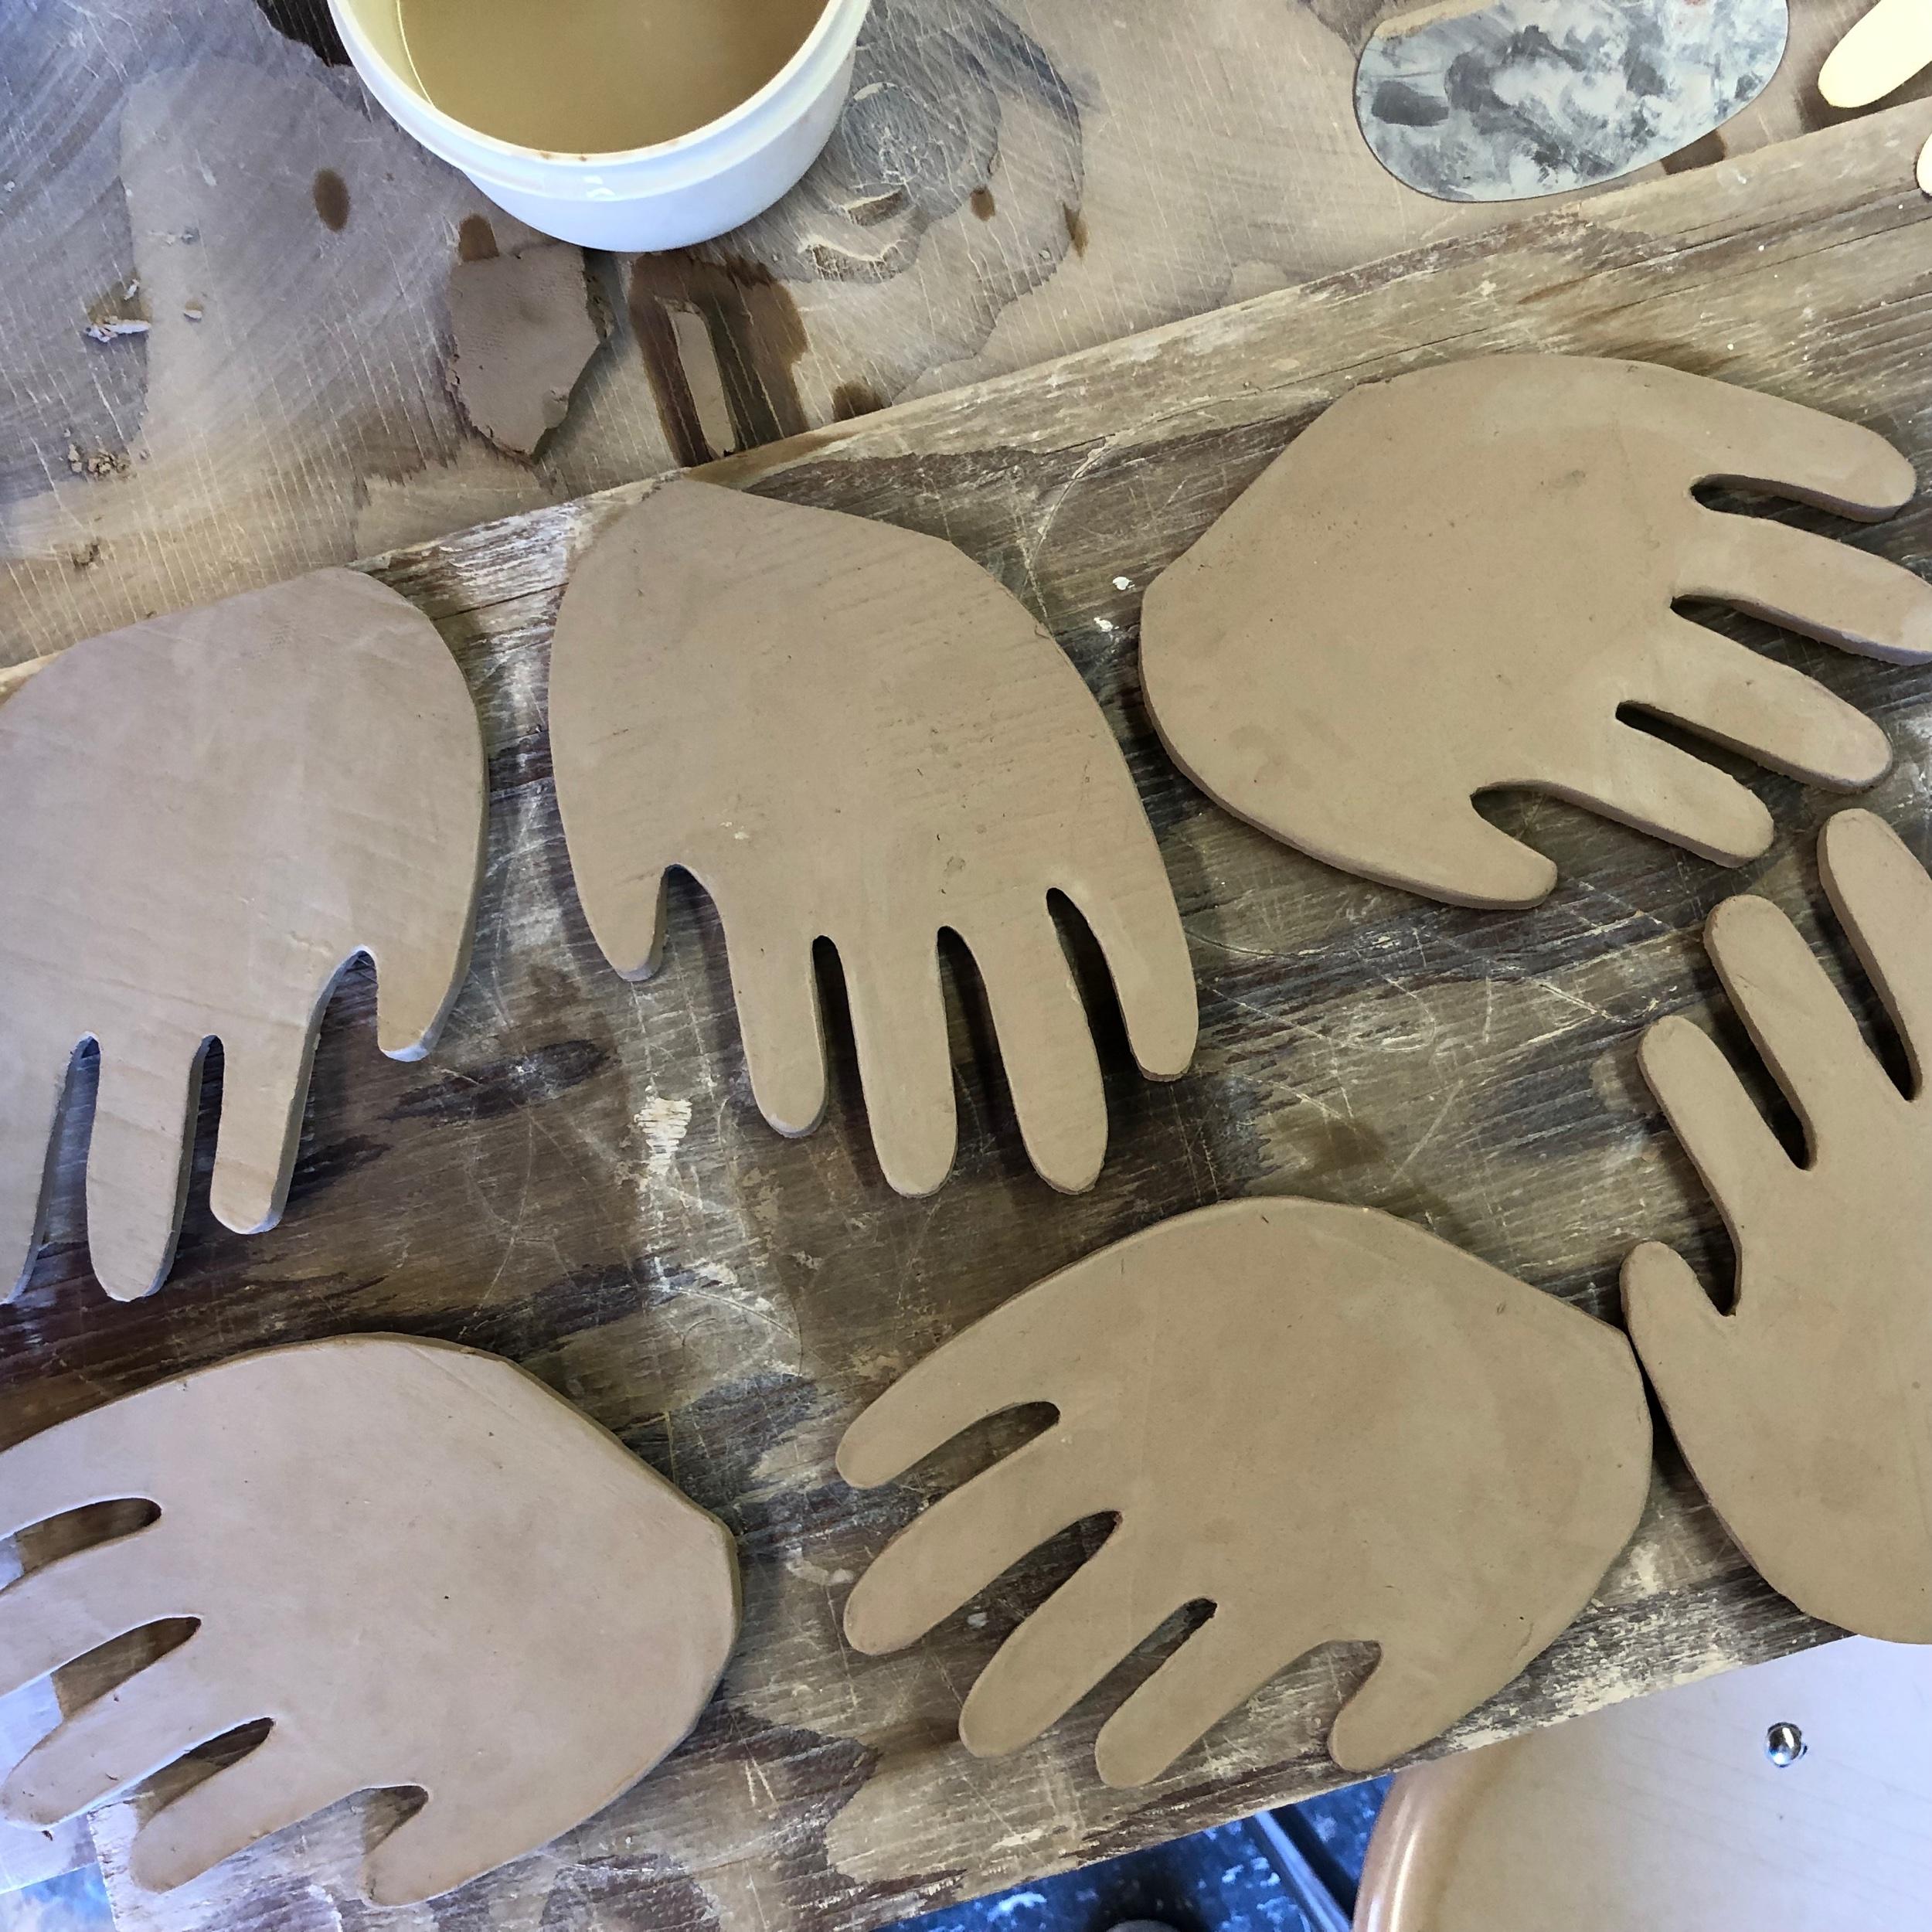 jordan_kushins_ceramic_hands2.jpeg